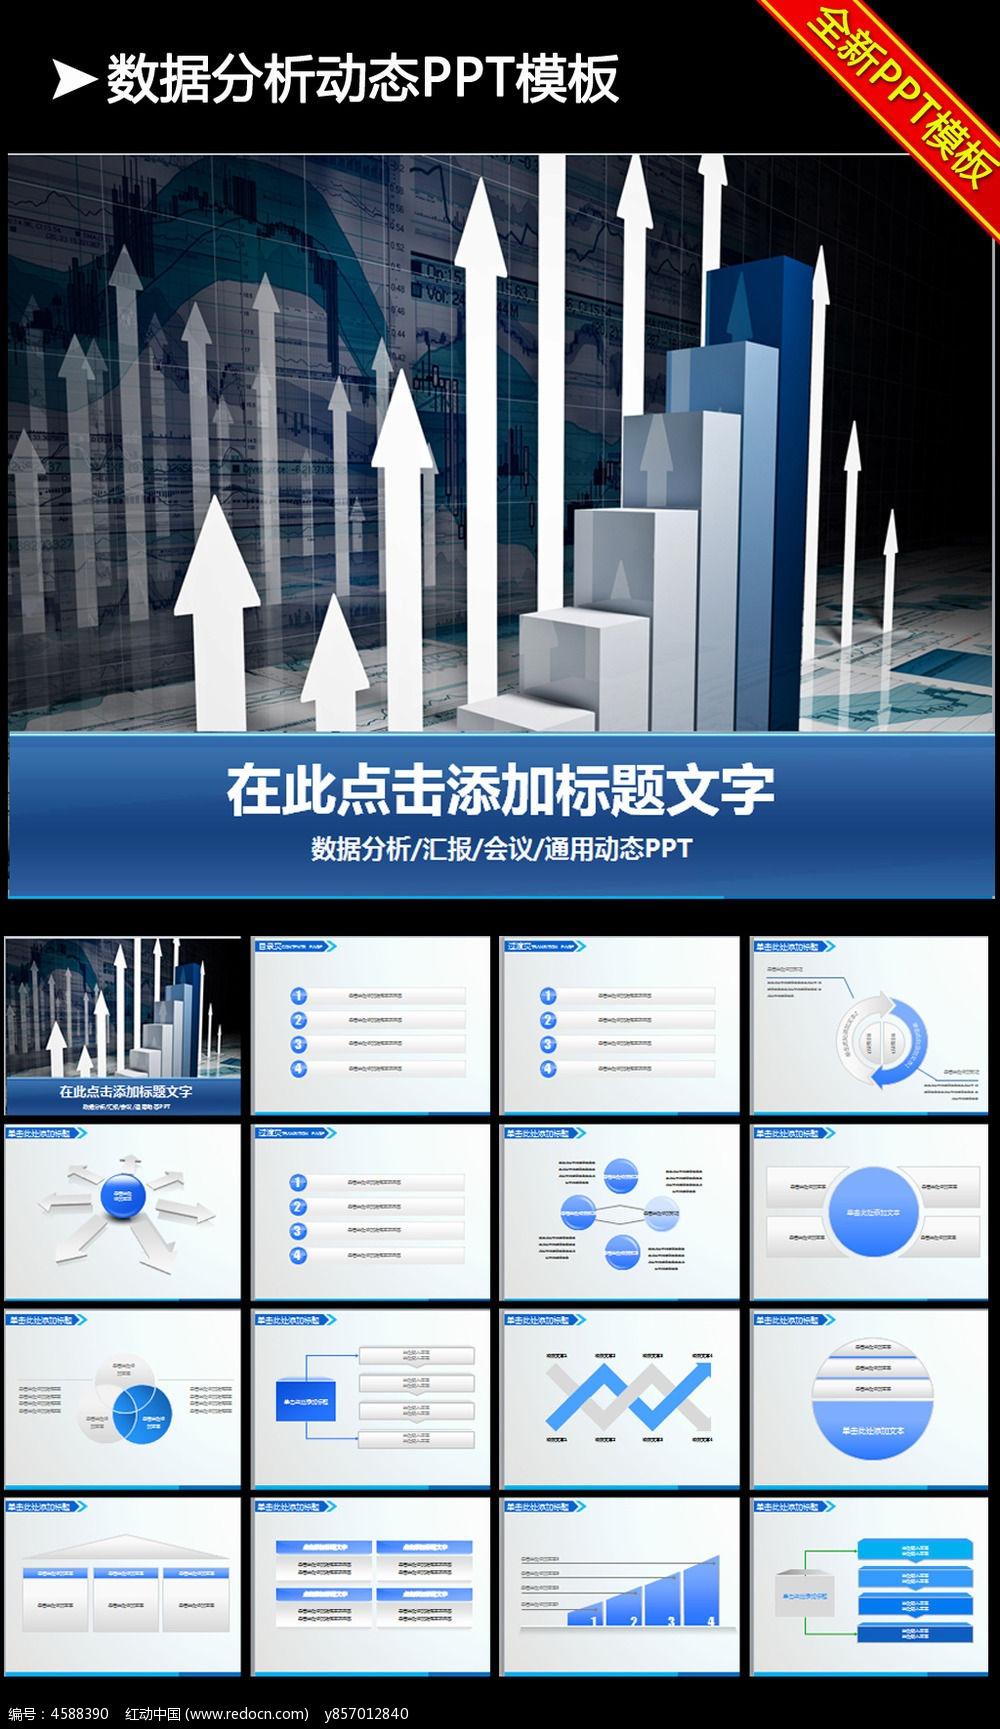 数据财务分析调研报告商务ppt